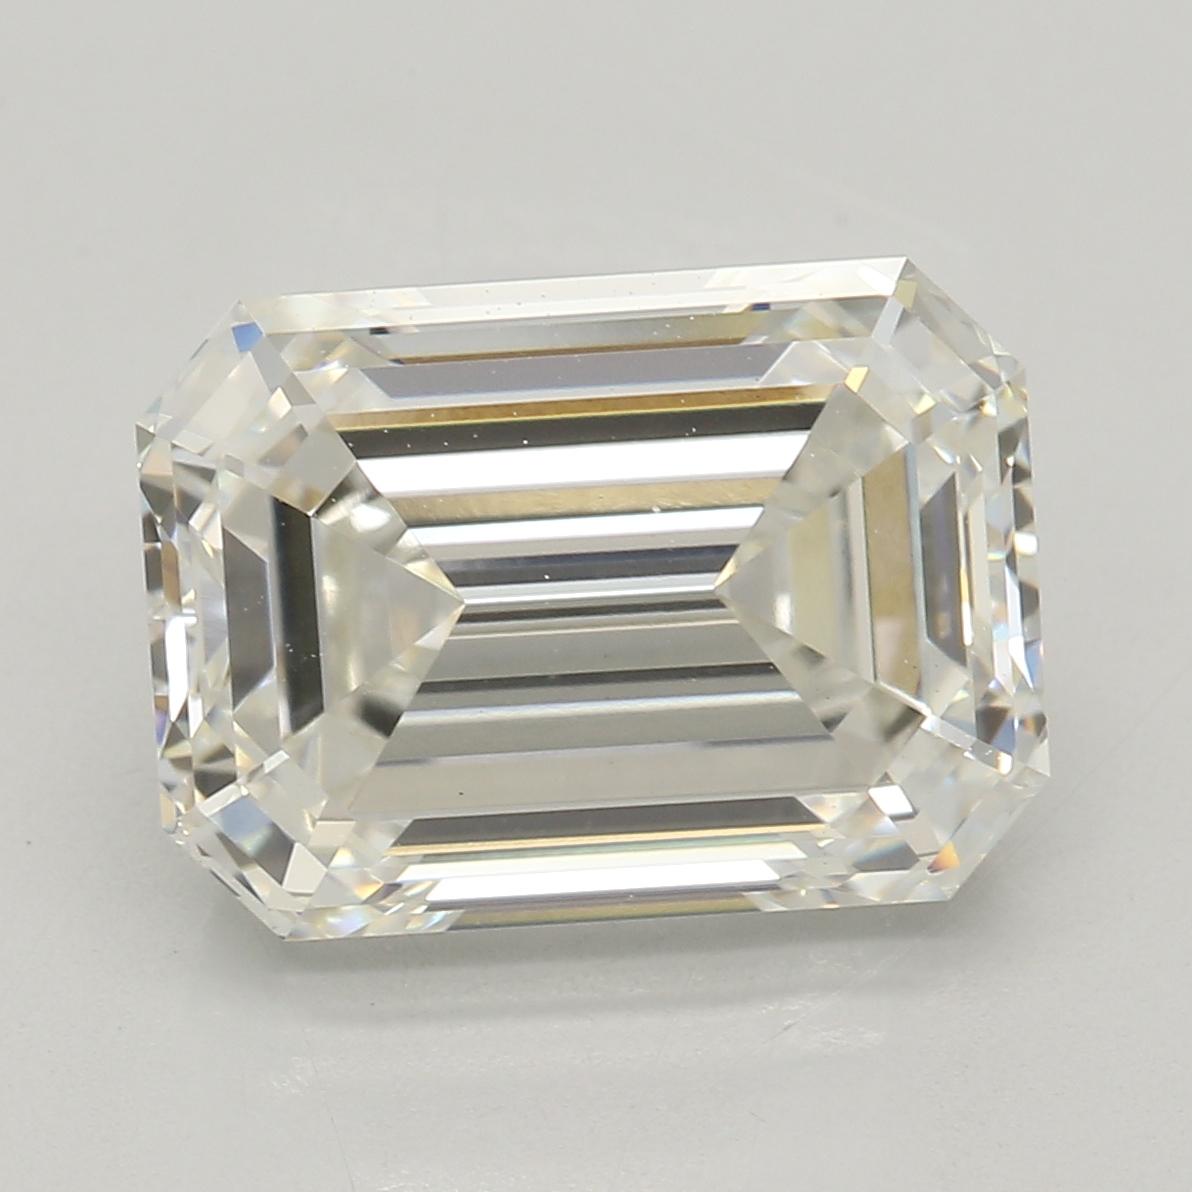 Emerald Cut 3.08 Carat J Color Vs1 Clarity Sku Lg46333180